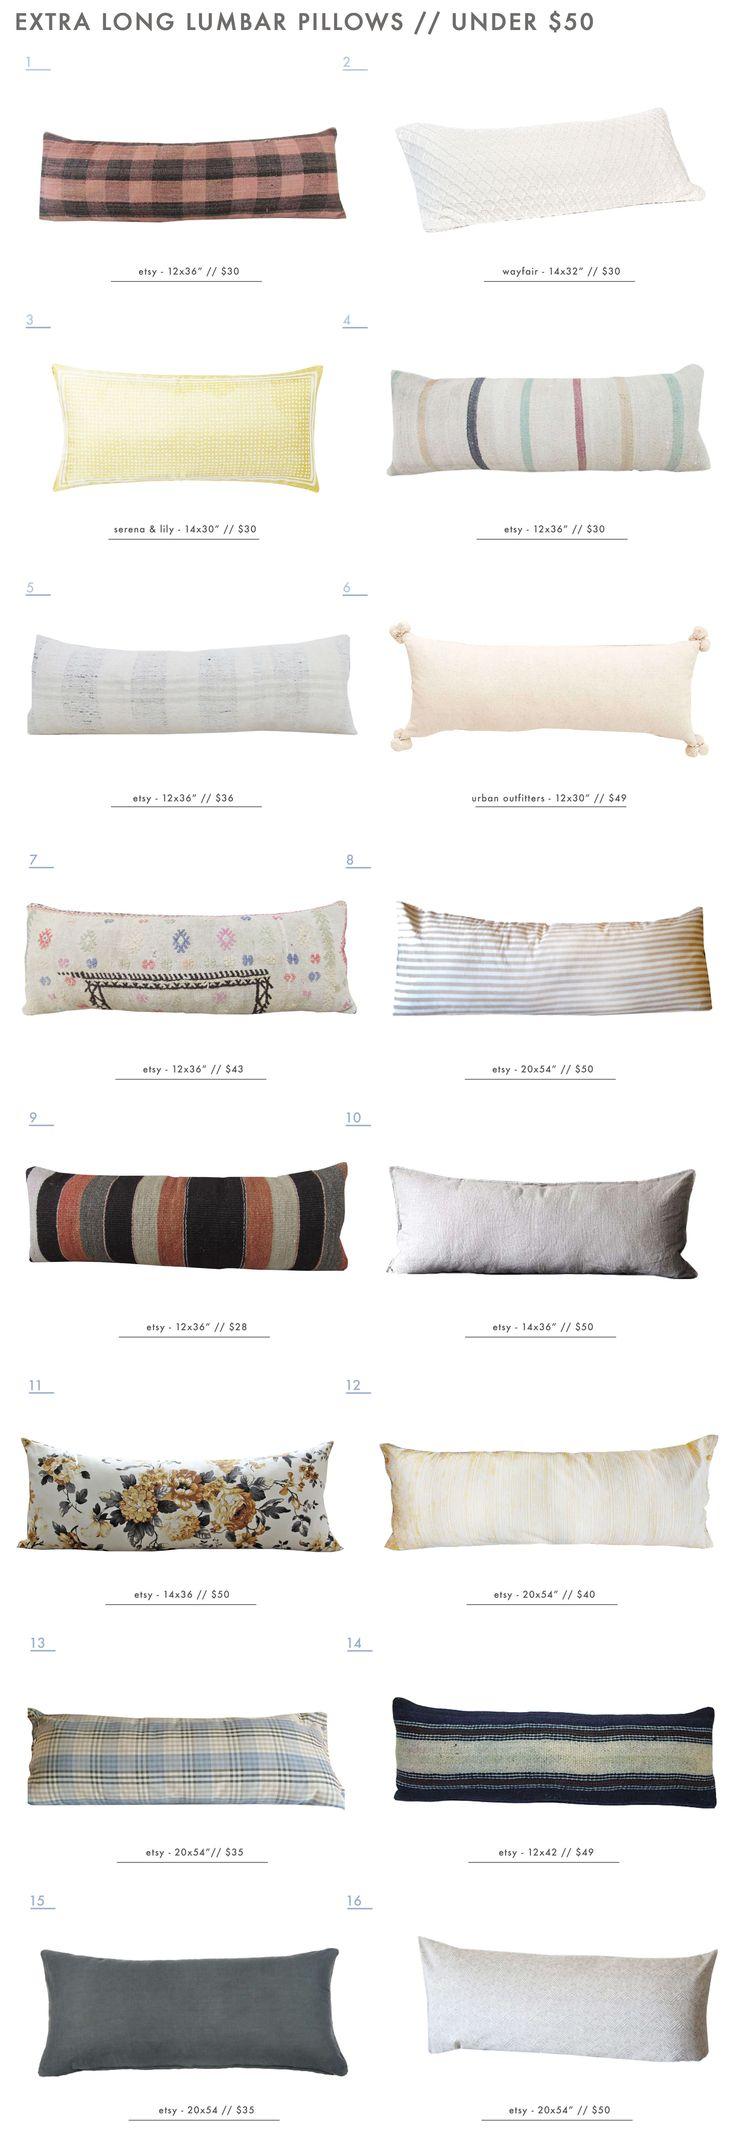 Our Extra Long Lumbar Pillow Roundup - Under $50